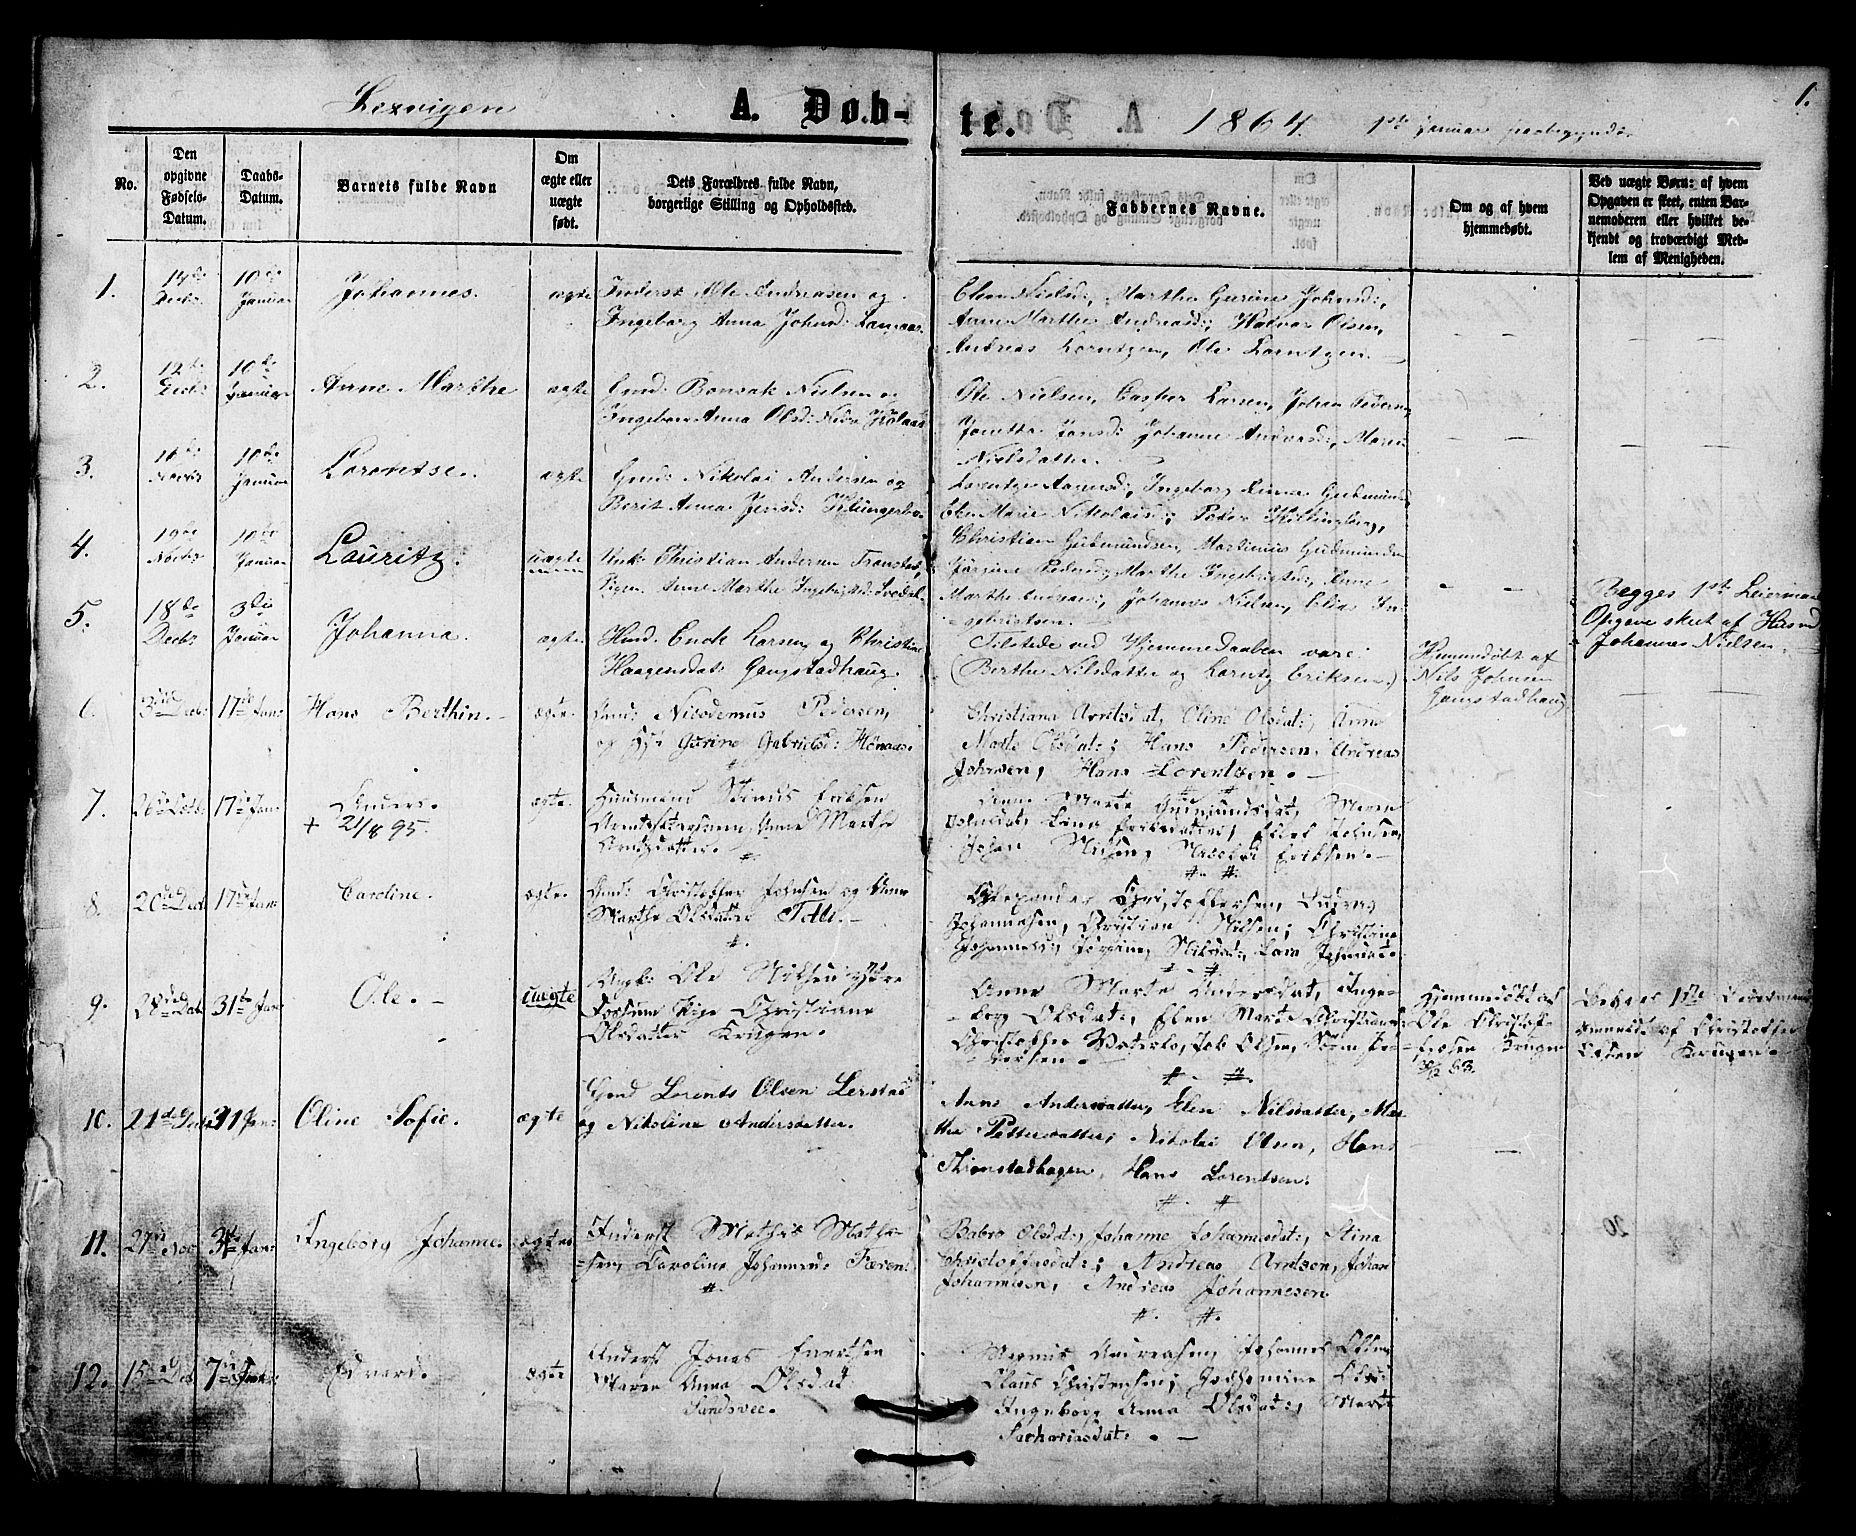 SAT, Ministerialprotokoller, klokkerbøker og fødselsregistre - Nord-Trøndelag, 701/L0009: Ministerialbok nr. 701A09 /1, 1864-1882, s. 1